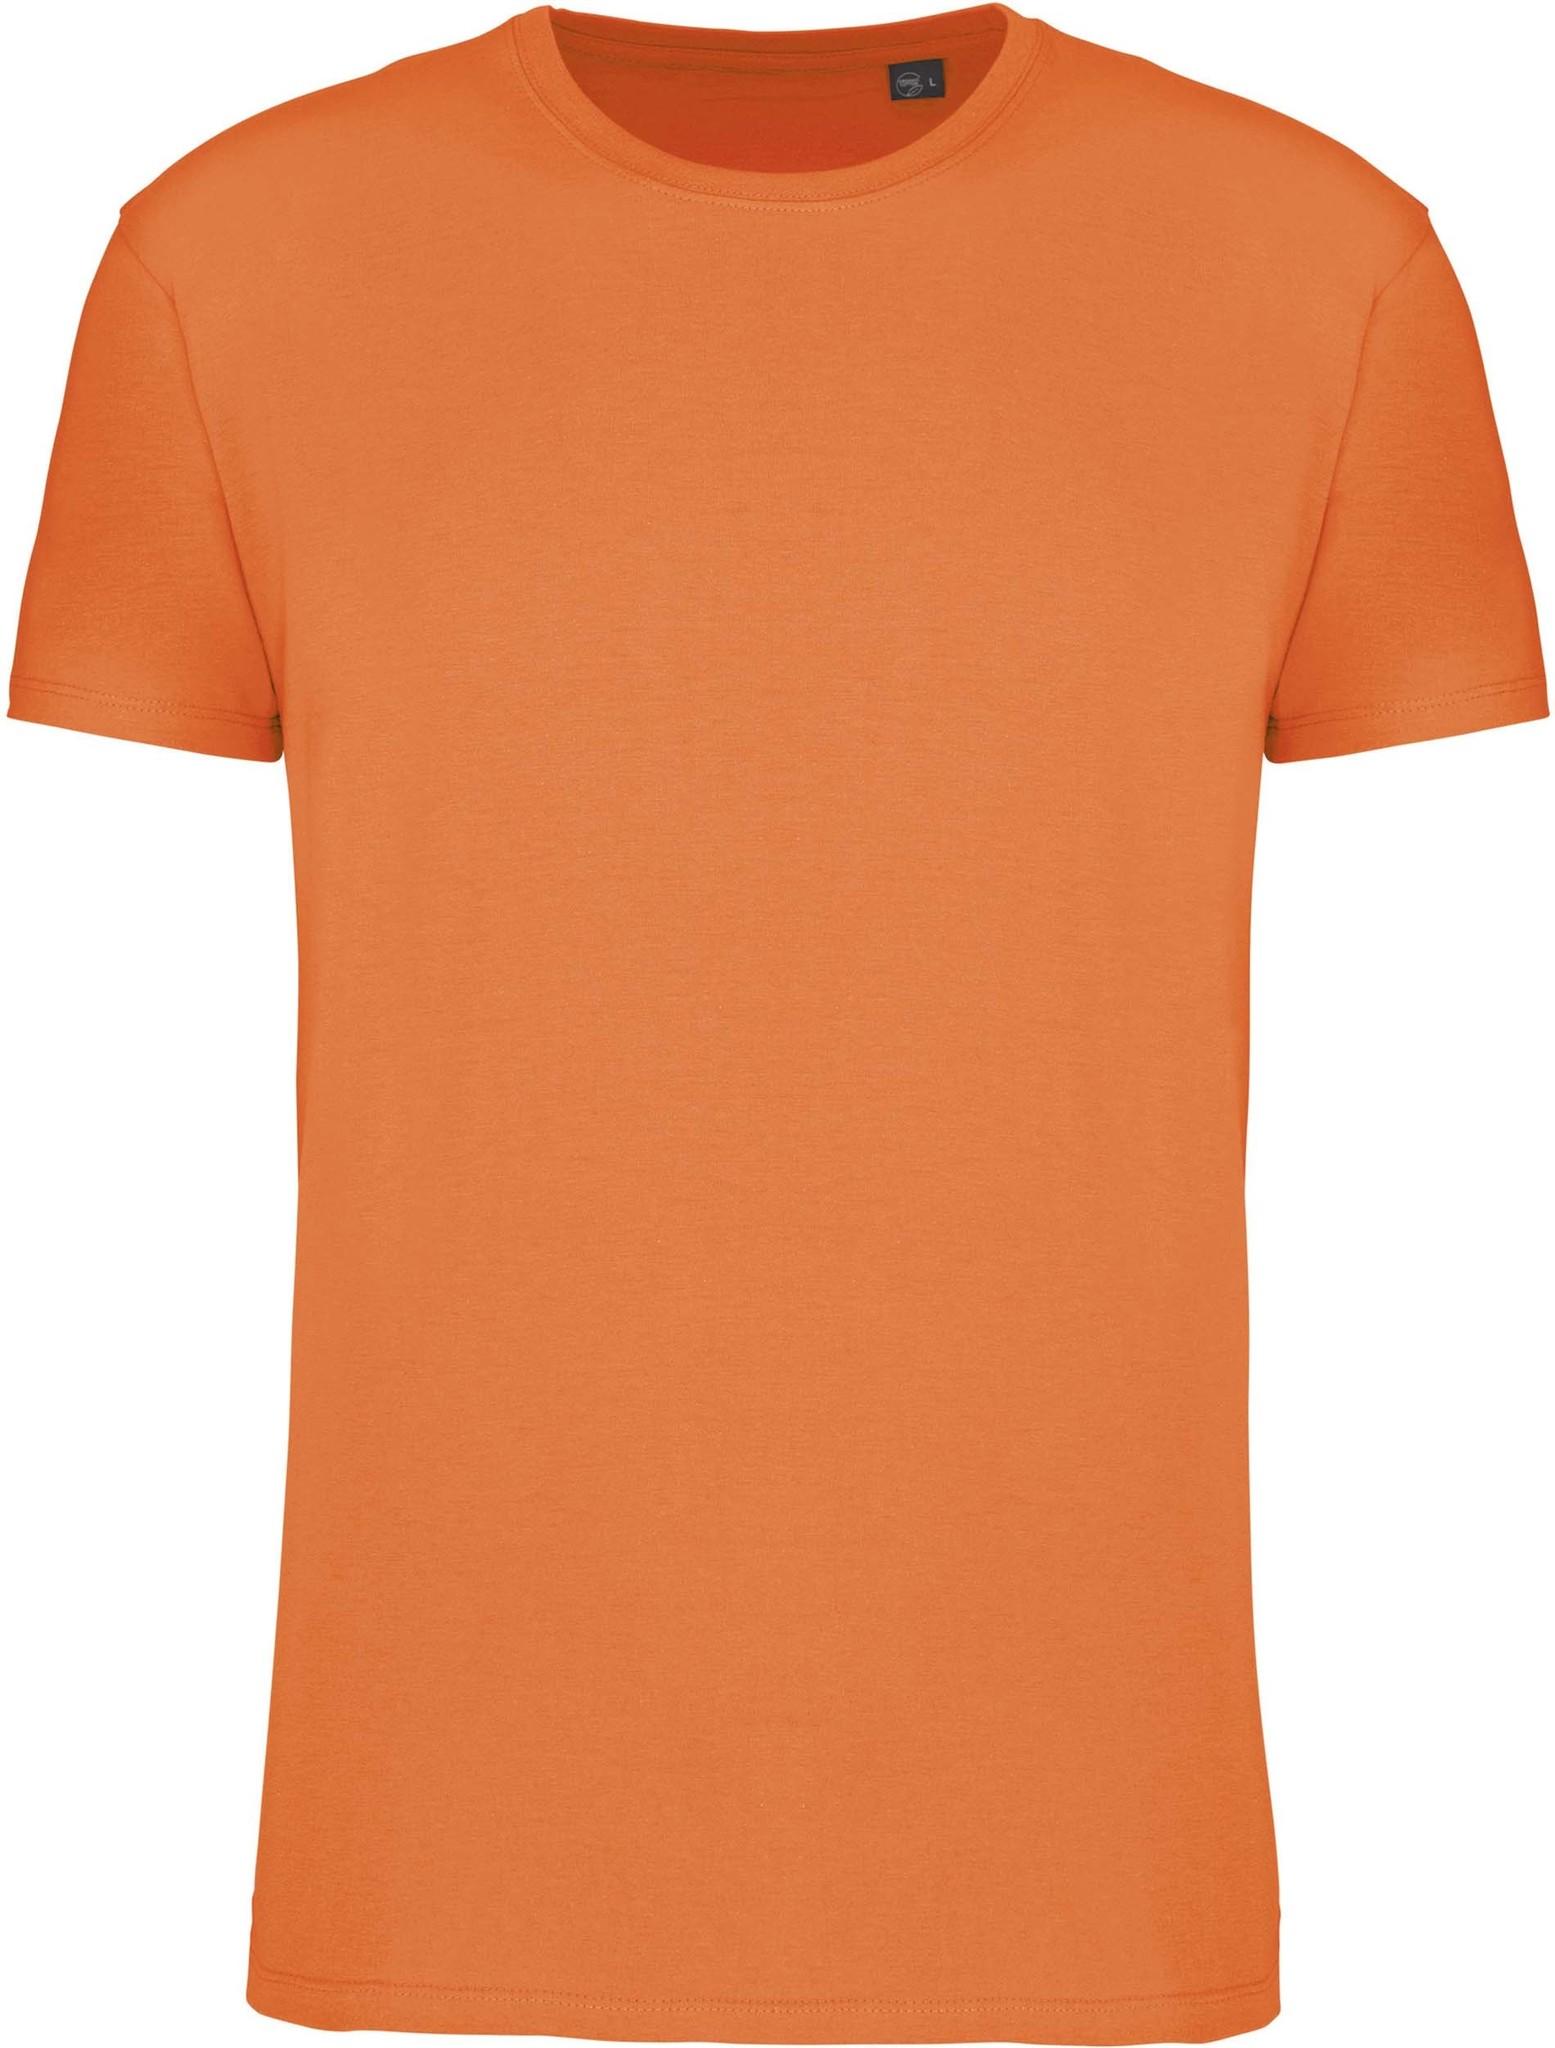 Eco-Friendly Unisex T-shirt -Light Orange